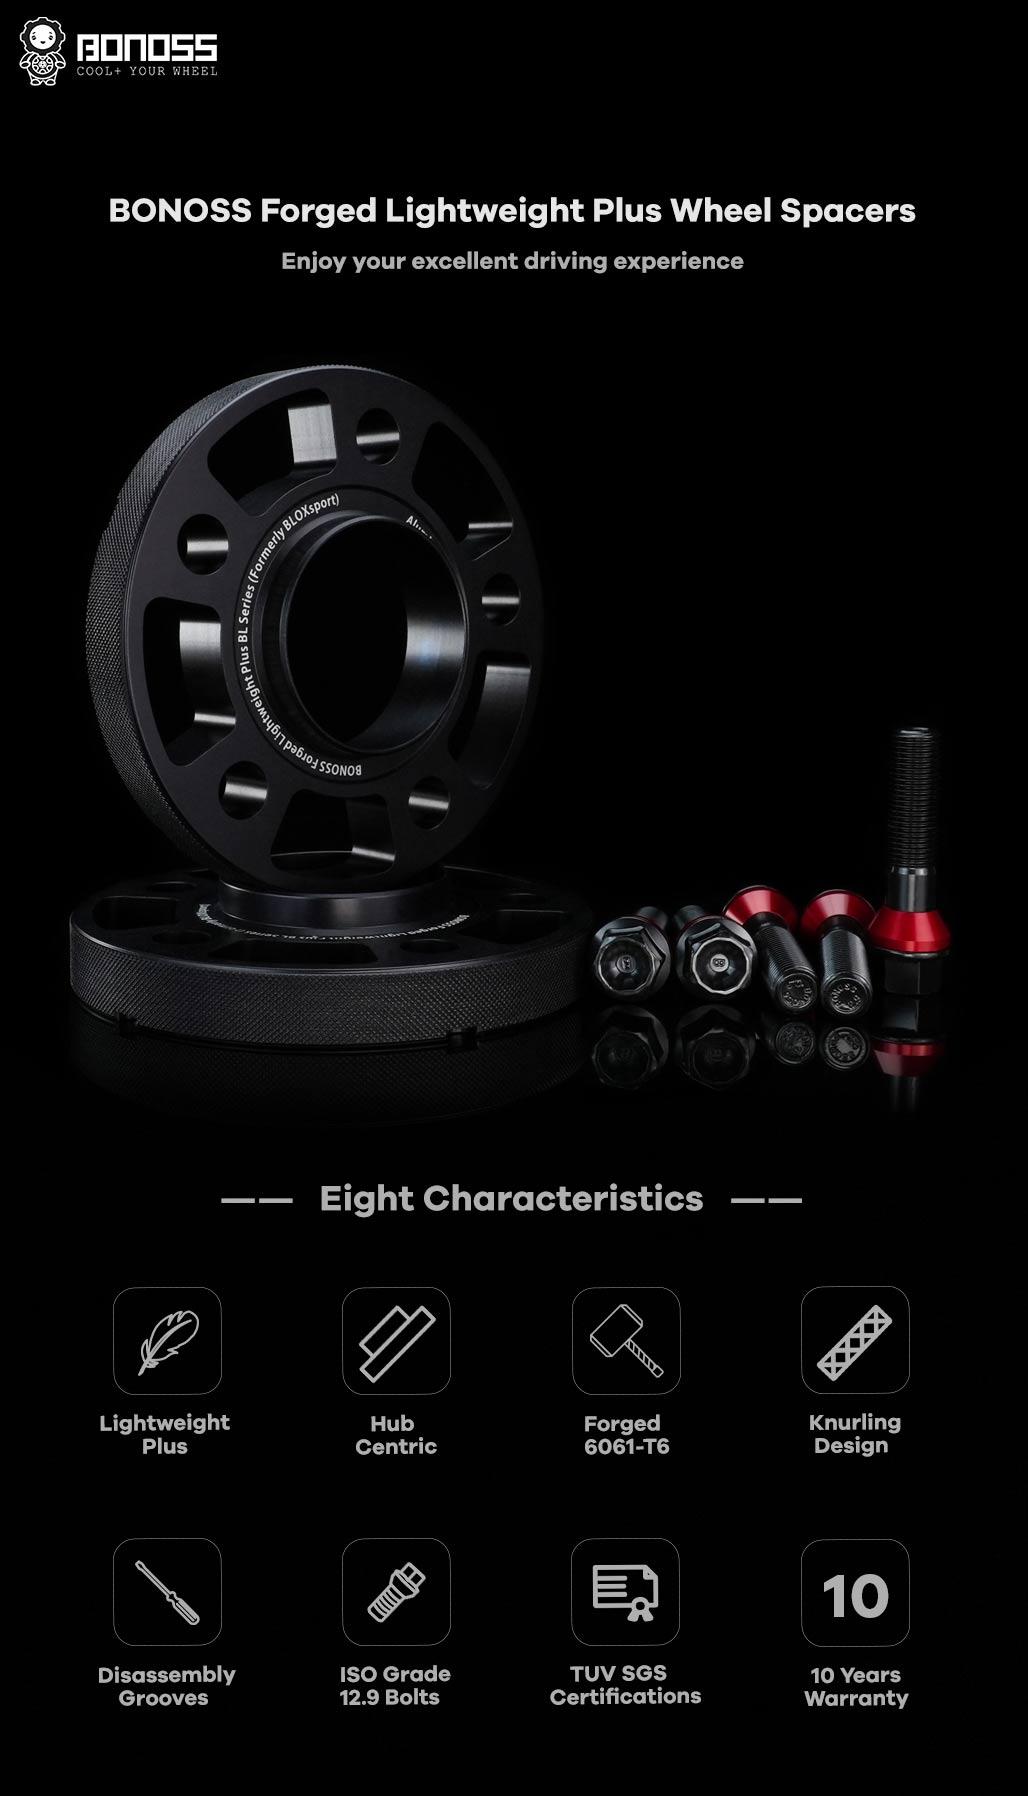 AL6061-T6-BONOSS-forged-lightweight-plus-wheel-spacers-by-lulu-1-1